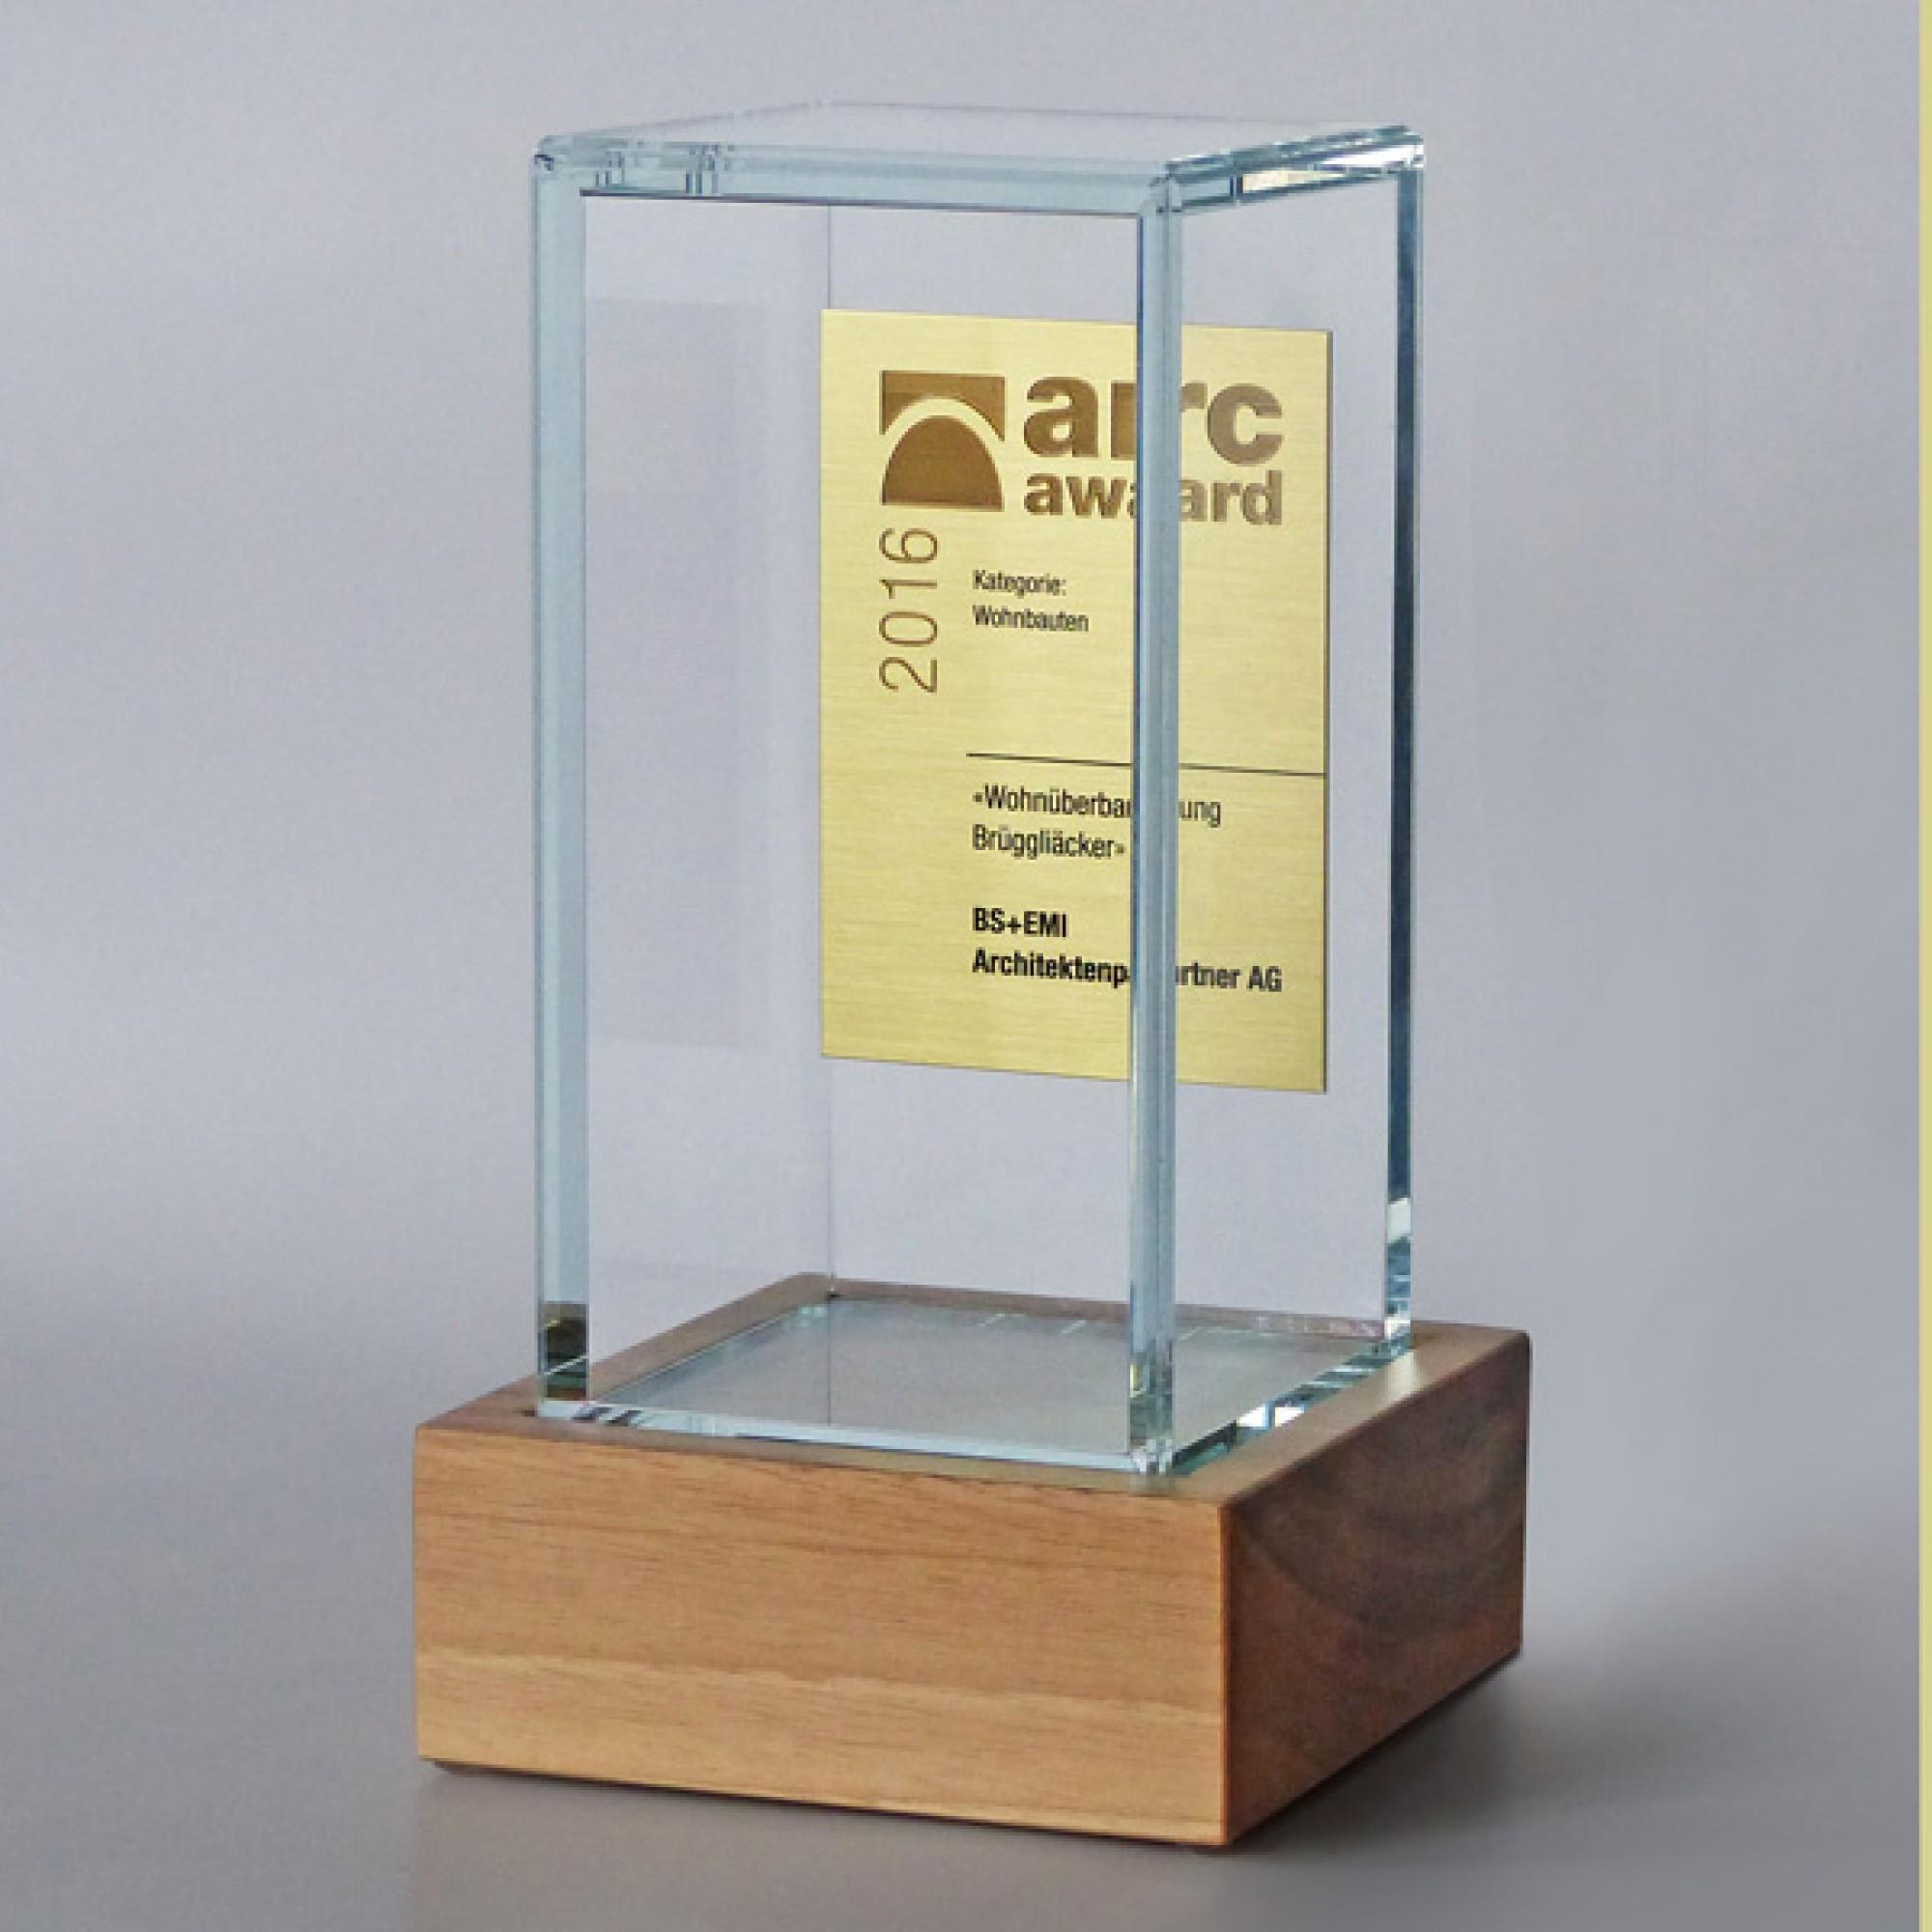 Der Arc-Award gehört zu den bestdotierten Auszeichnungen des Landes. (Bild: Daniel Blatti)